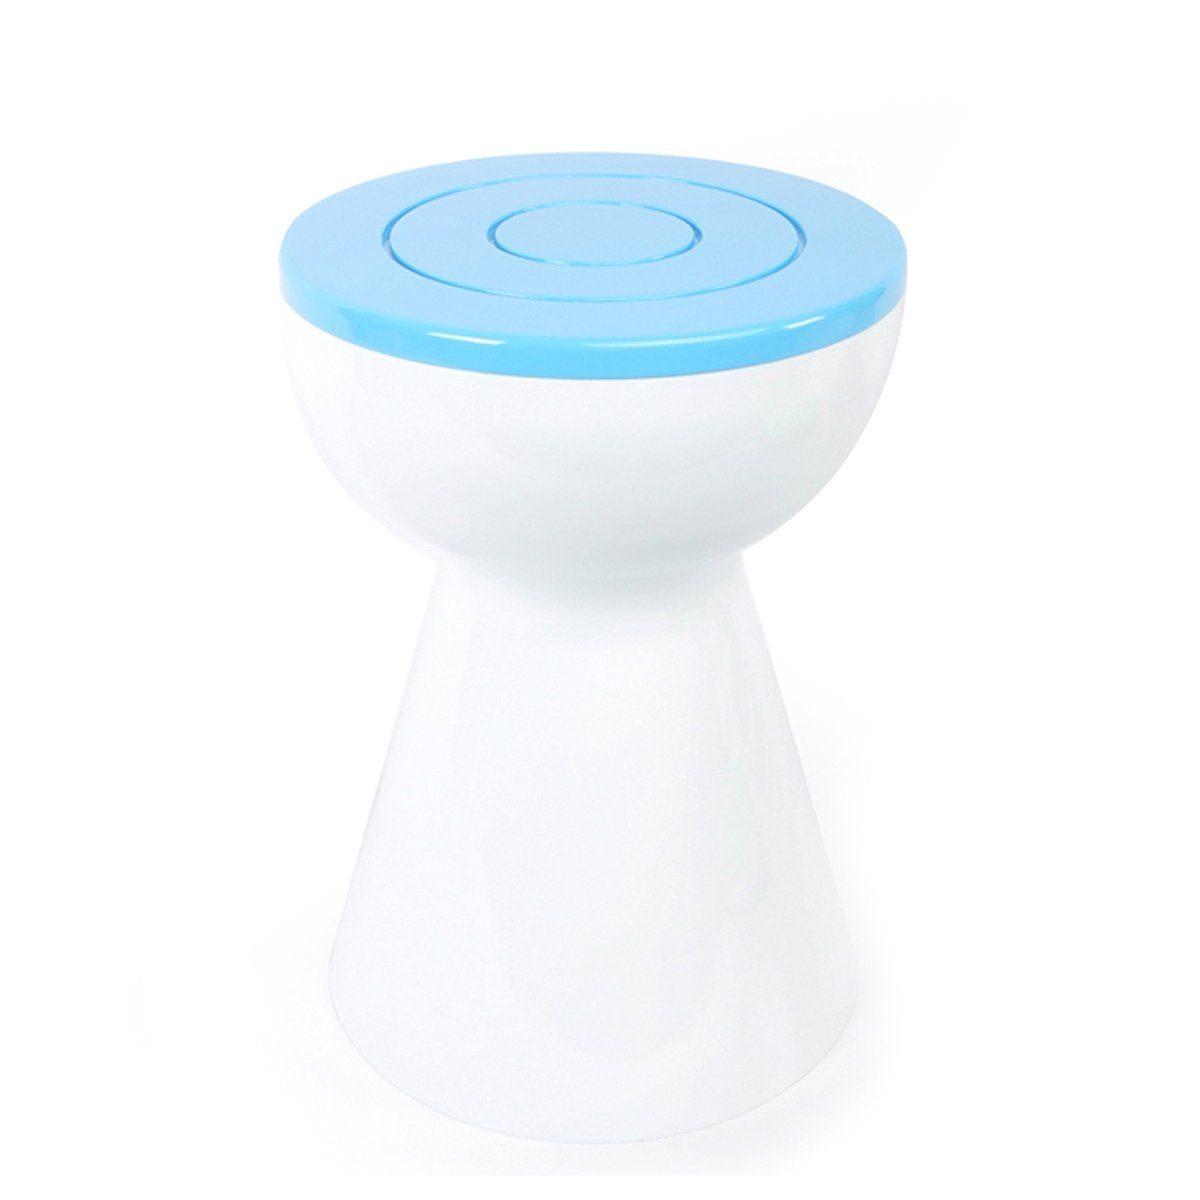 XLBoom XLBOOM Beistelltisch Boto, weiß/Himmelblau